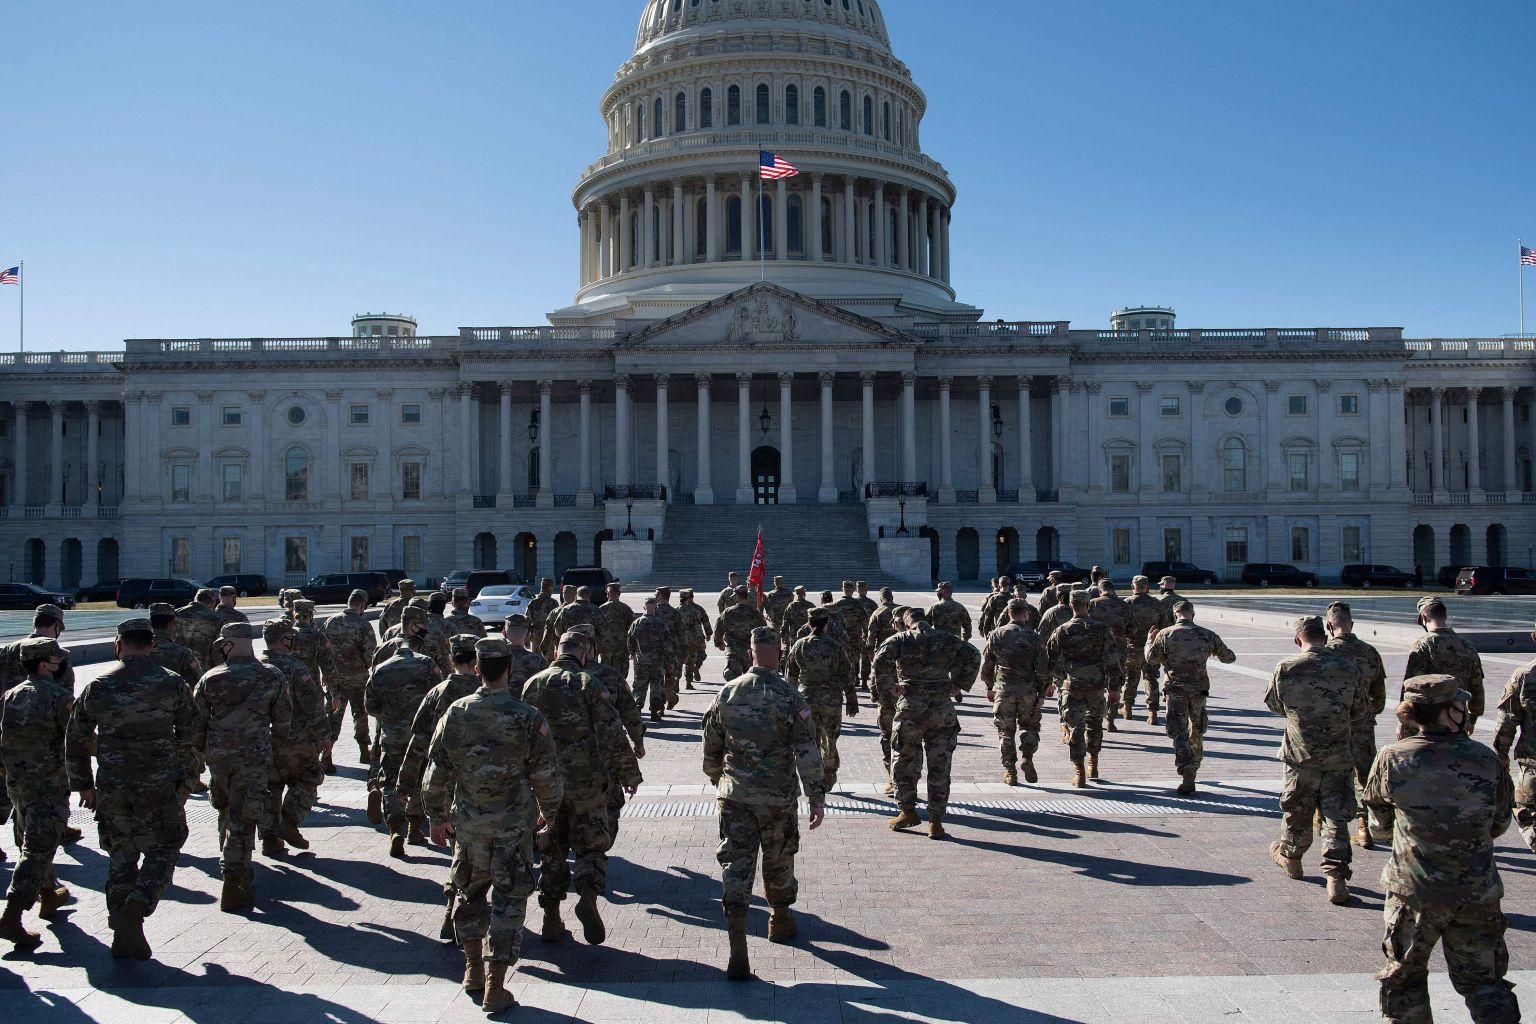 EE.UU.: Cámara de Representantes suspende actividades tras amenaza de un nuevo ataque al Capitolio